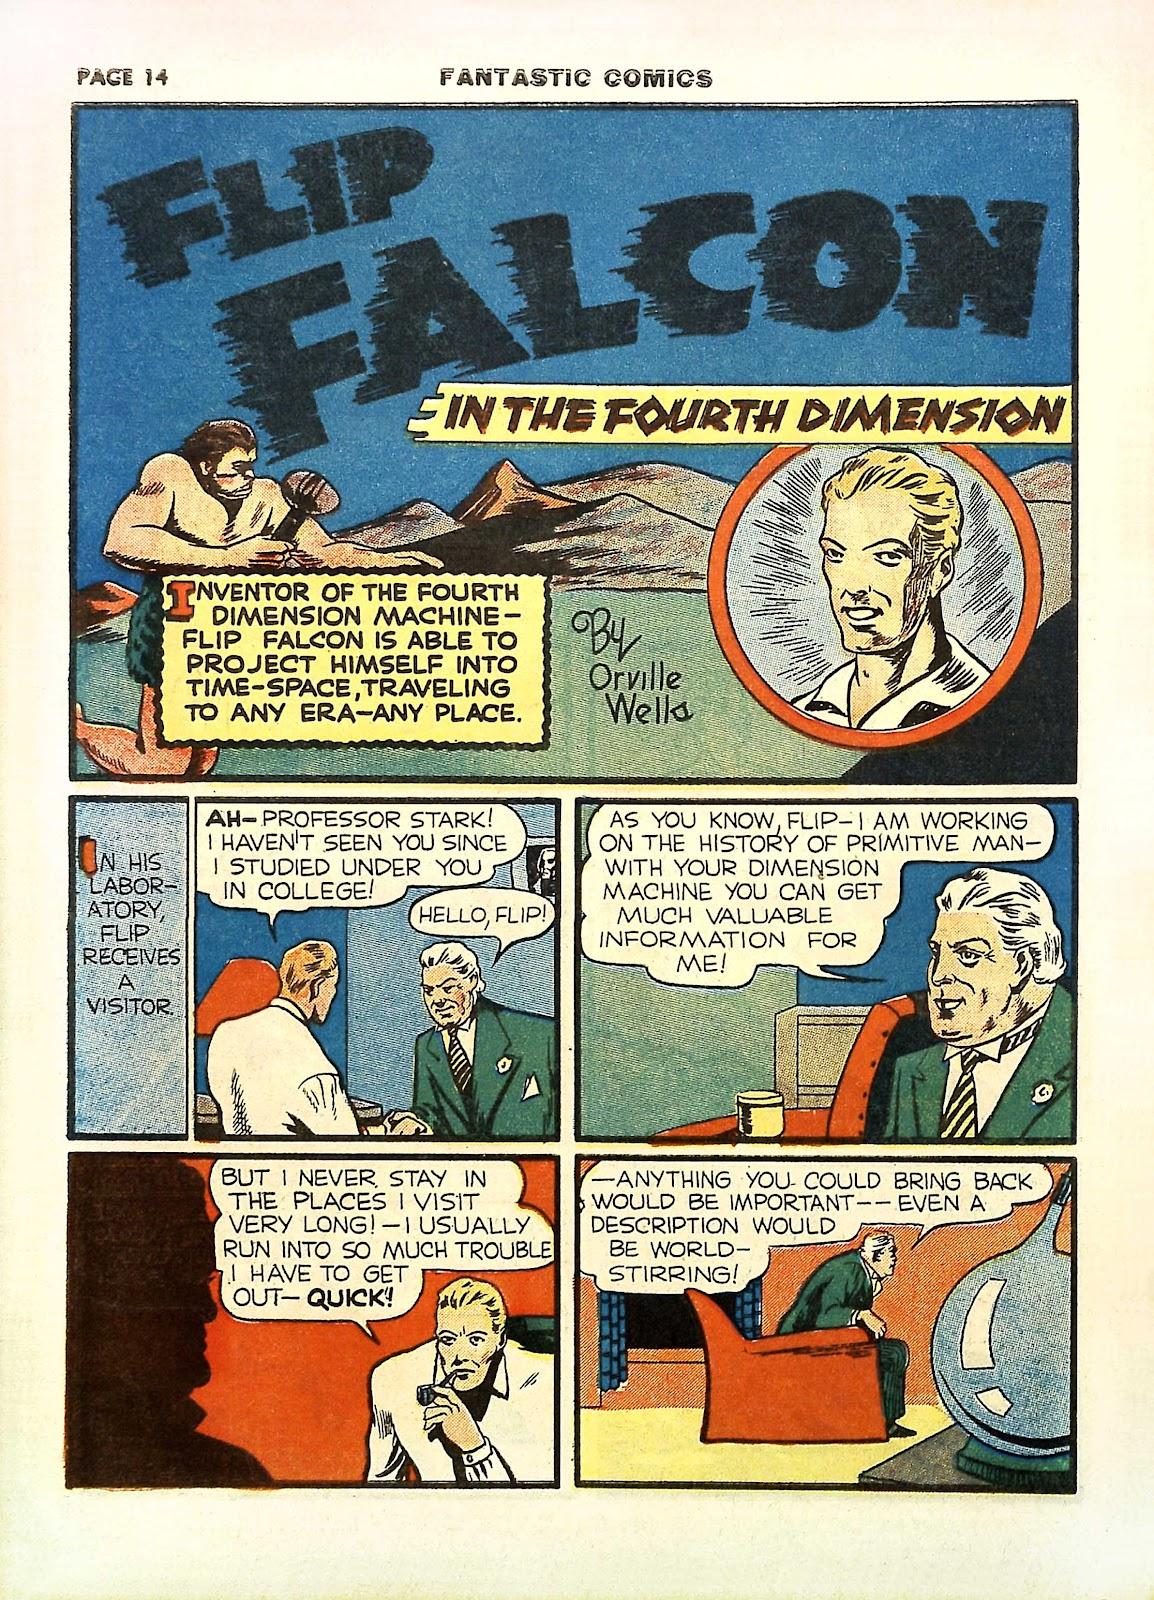 Read online Fantastic Comics comic -  Issue #11 - 17